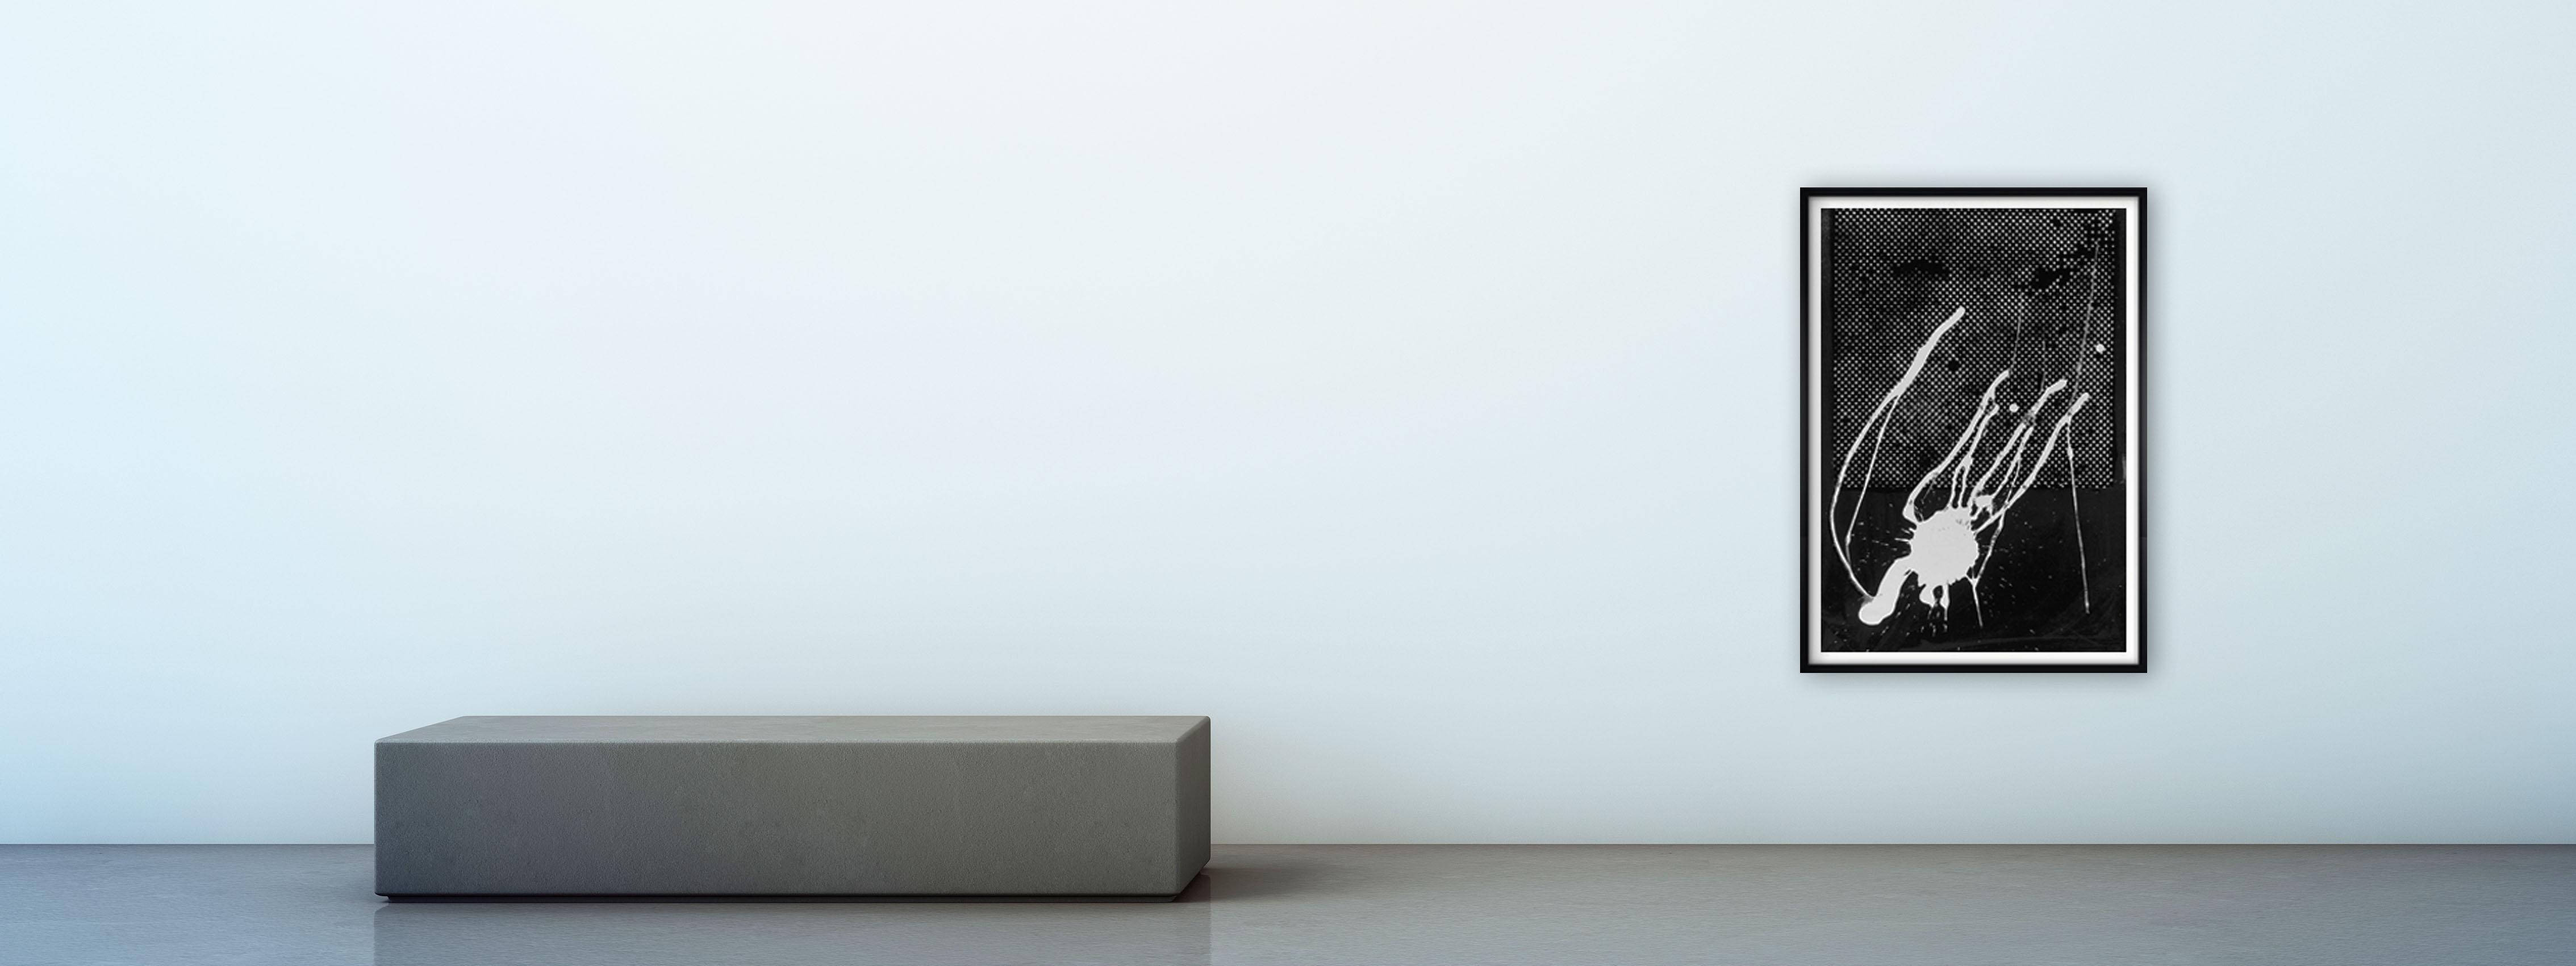 Slider – blauer Raum – Polke – Griffelkunst schwarz